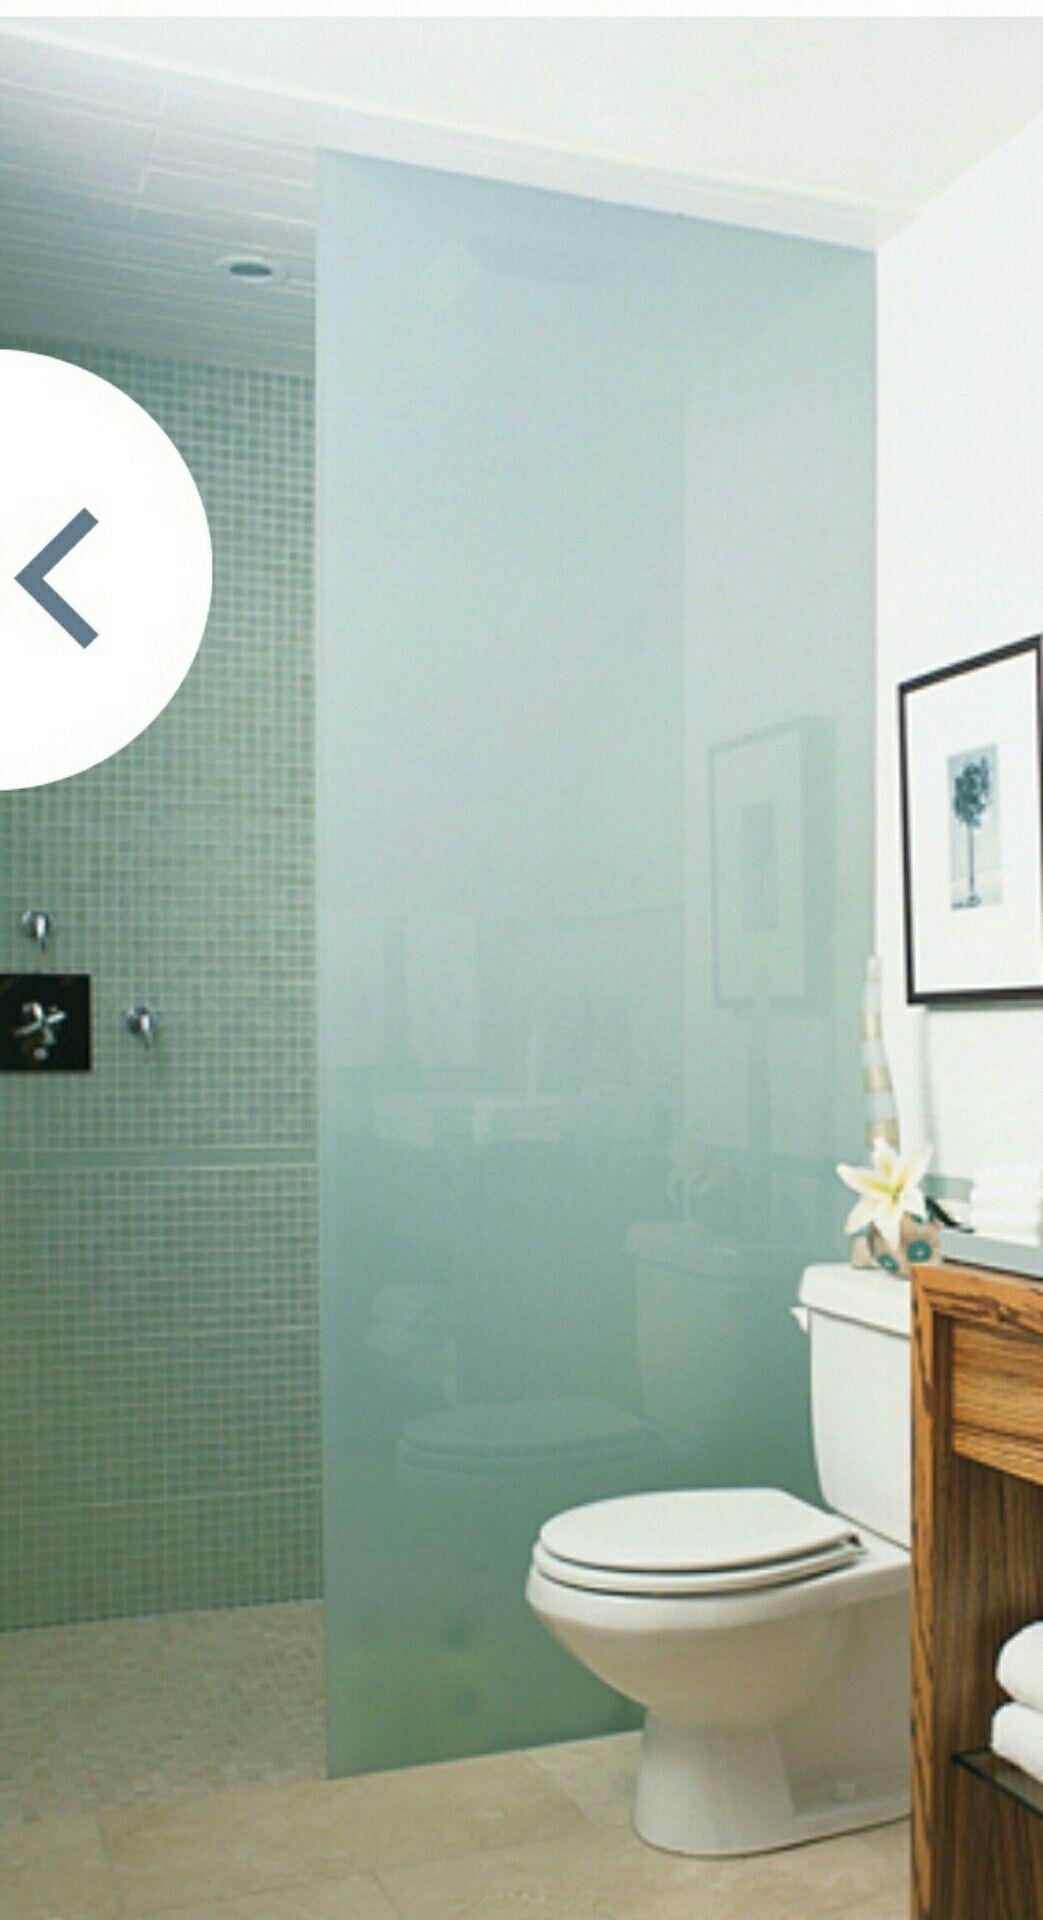 Shower With No Door Love The Opaque Glass From Floor To Ceiling Frosted Glass Door Bathroom Glass Shower Wall Frosted Glass Shower Door